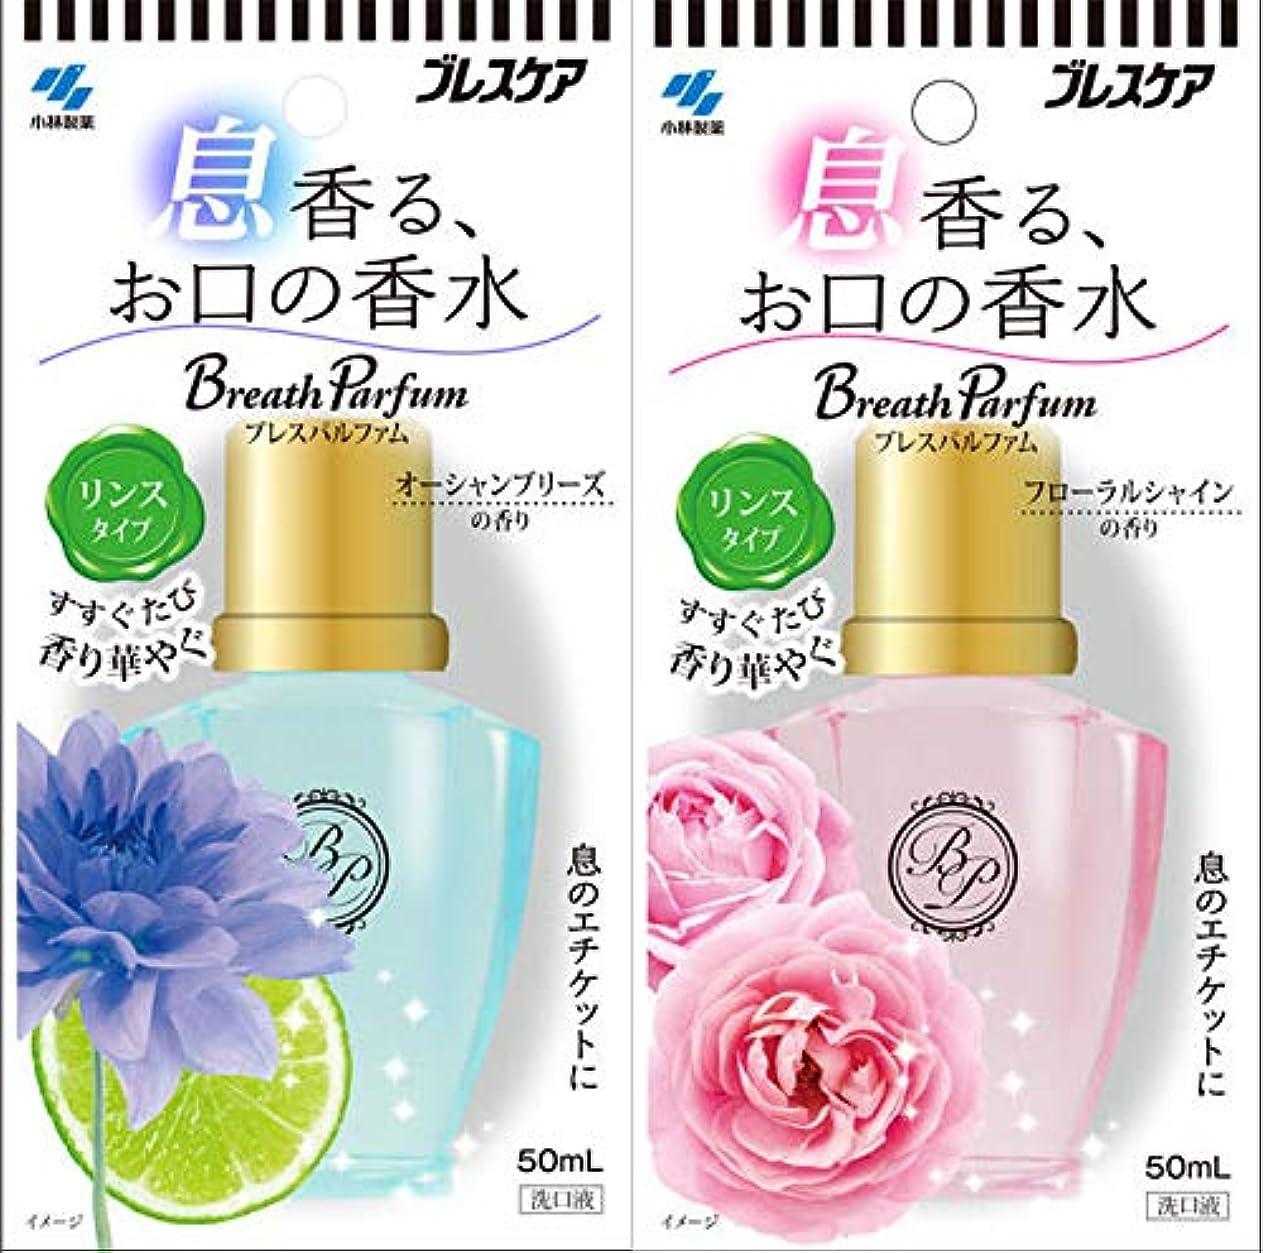 専ら最近続ける【2種セット】ブレスパルファム 息香る お口の香水 マウスウォッシュ 各50ml